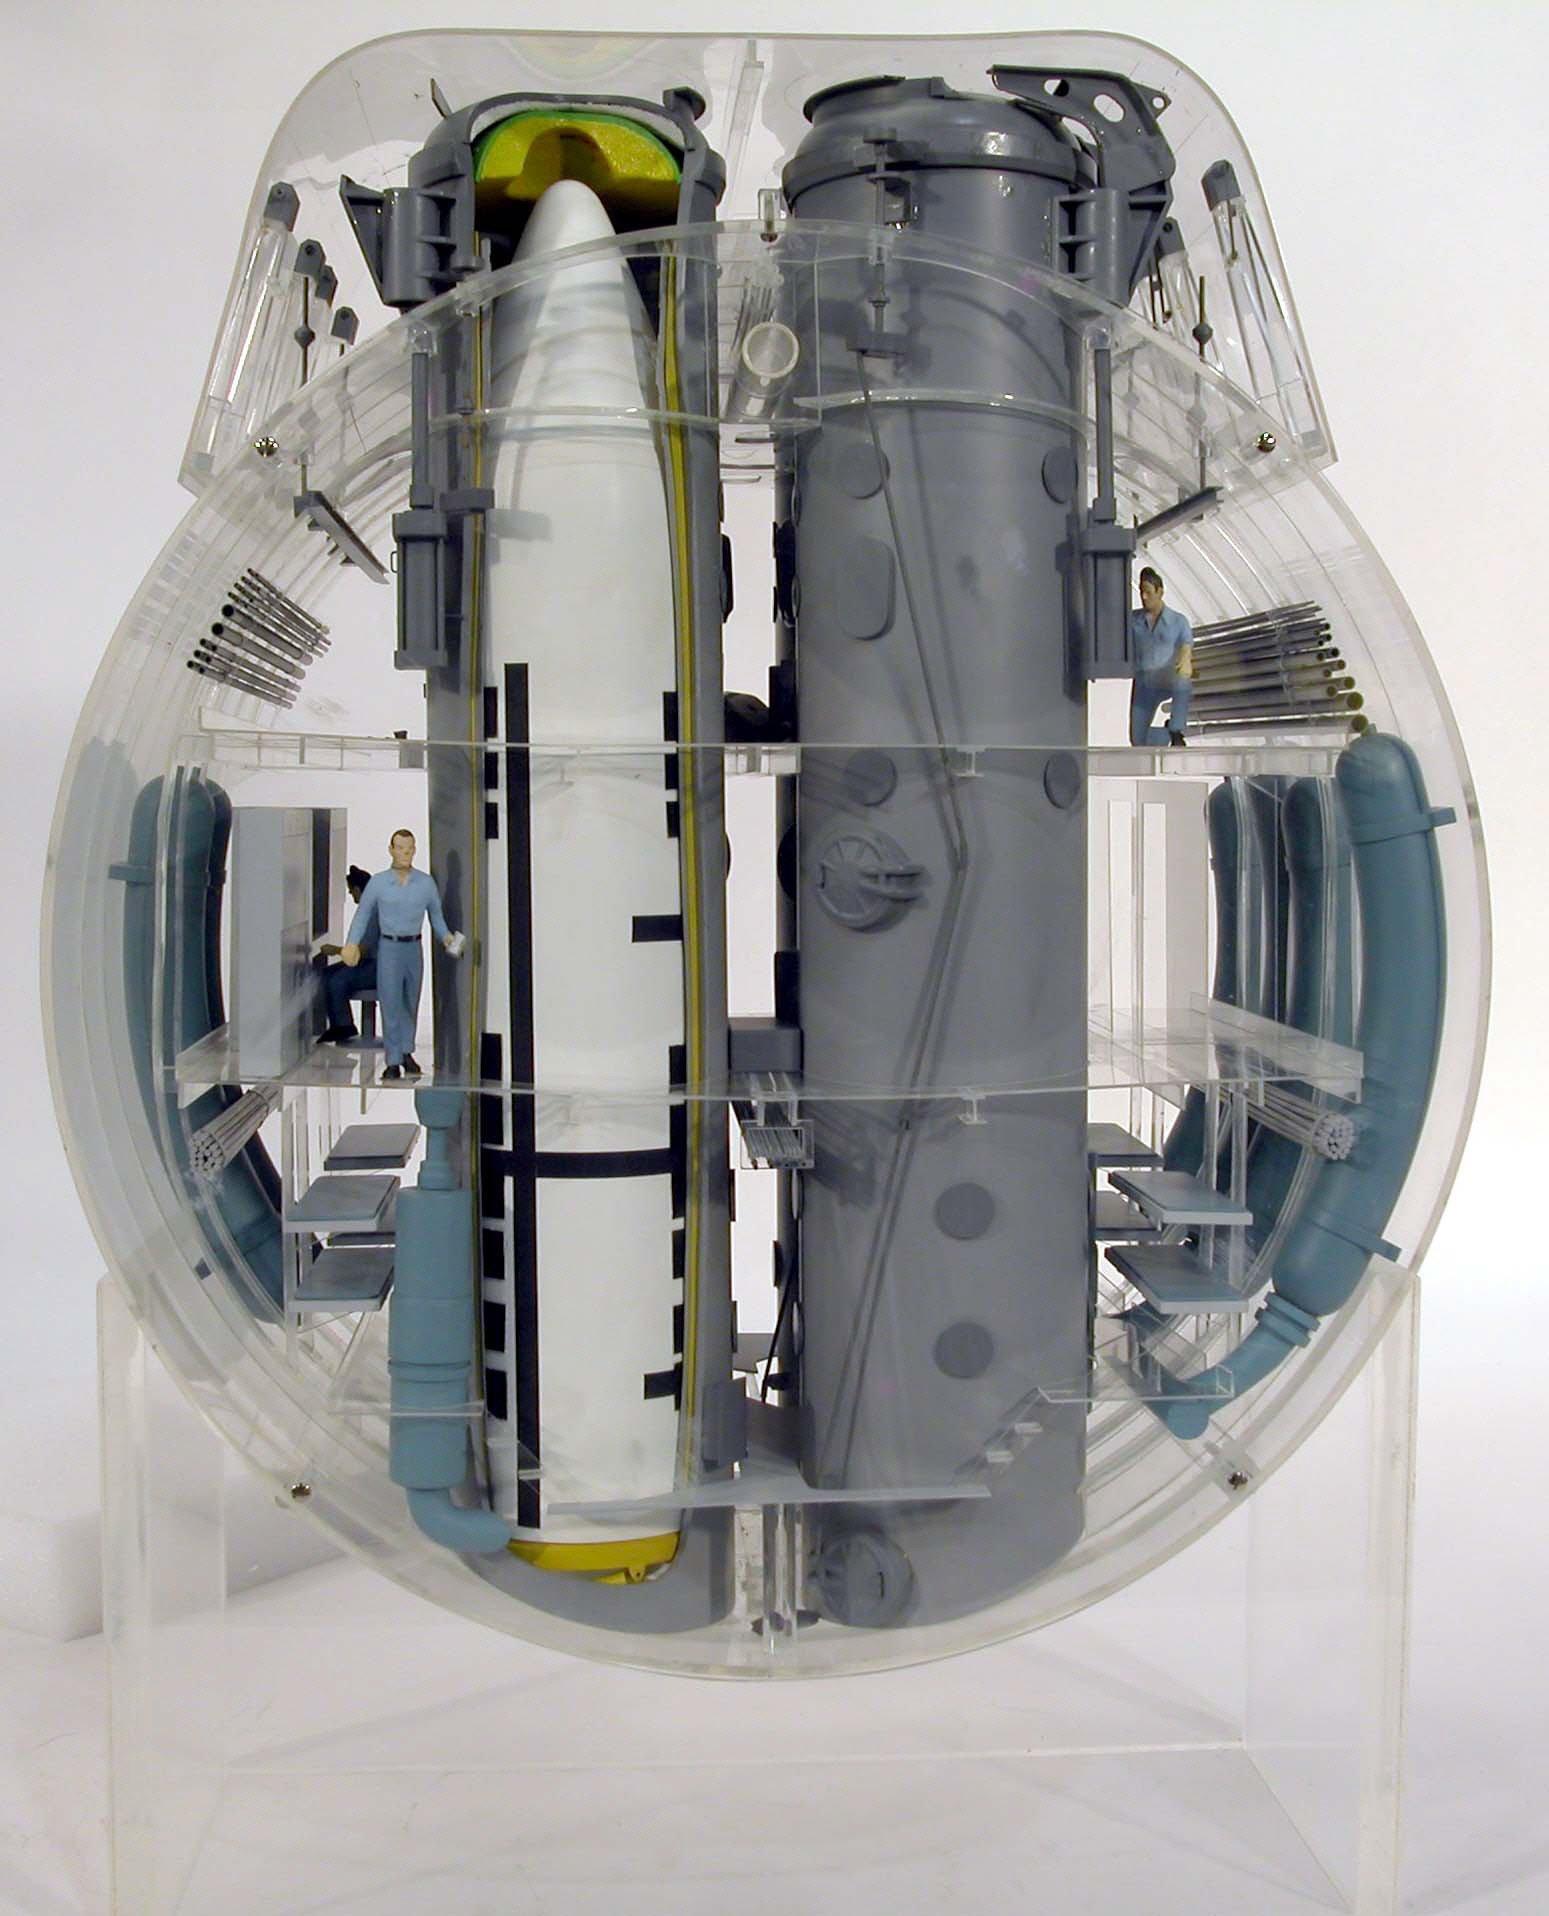 """Баллистические ракеты """"Посейдон"""" (США), размещенные на подводной лодке изнутри, интересно, как это сделано, познавательно, разрез"""